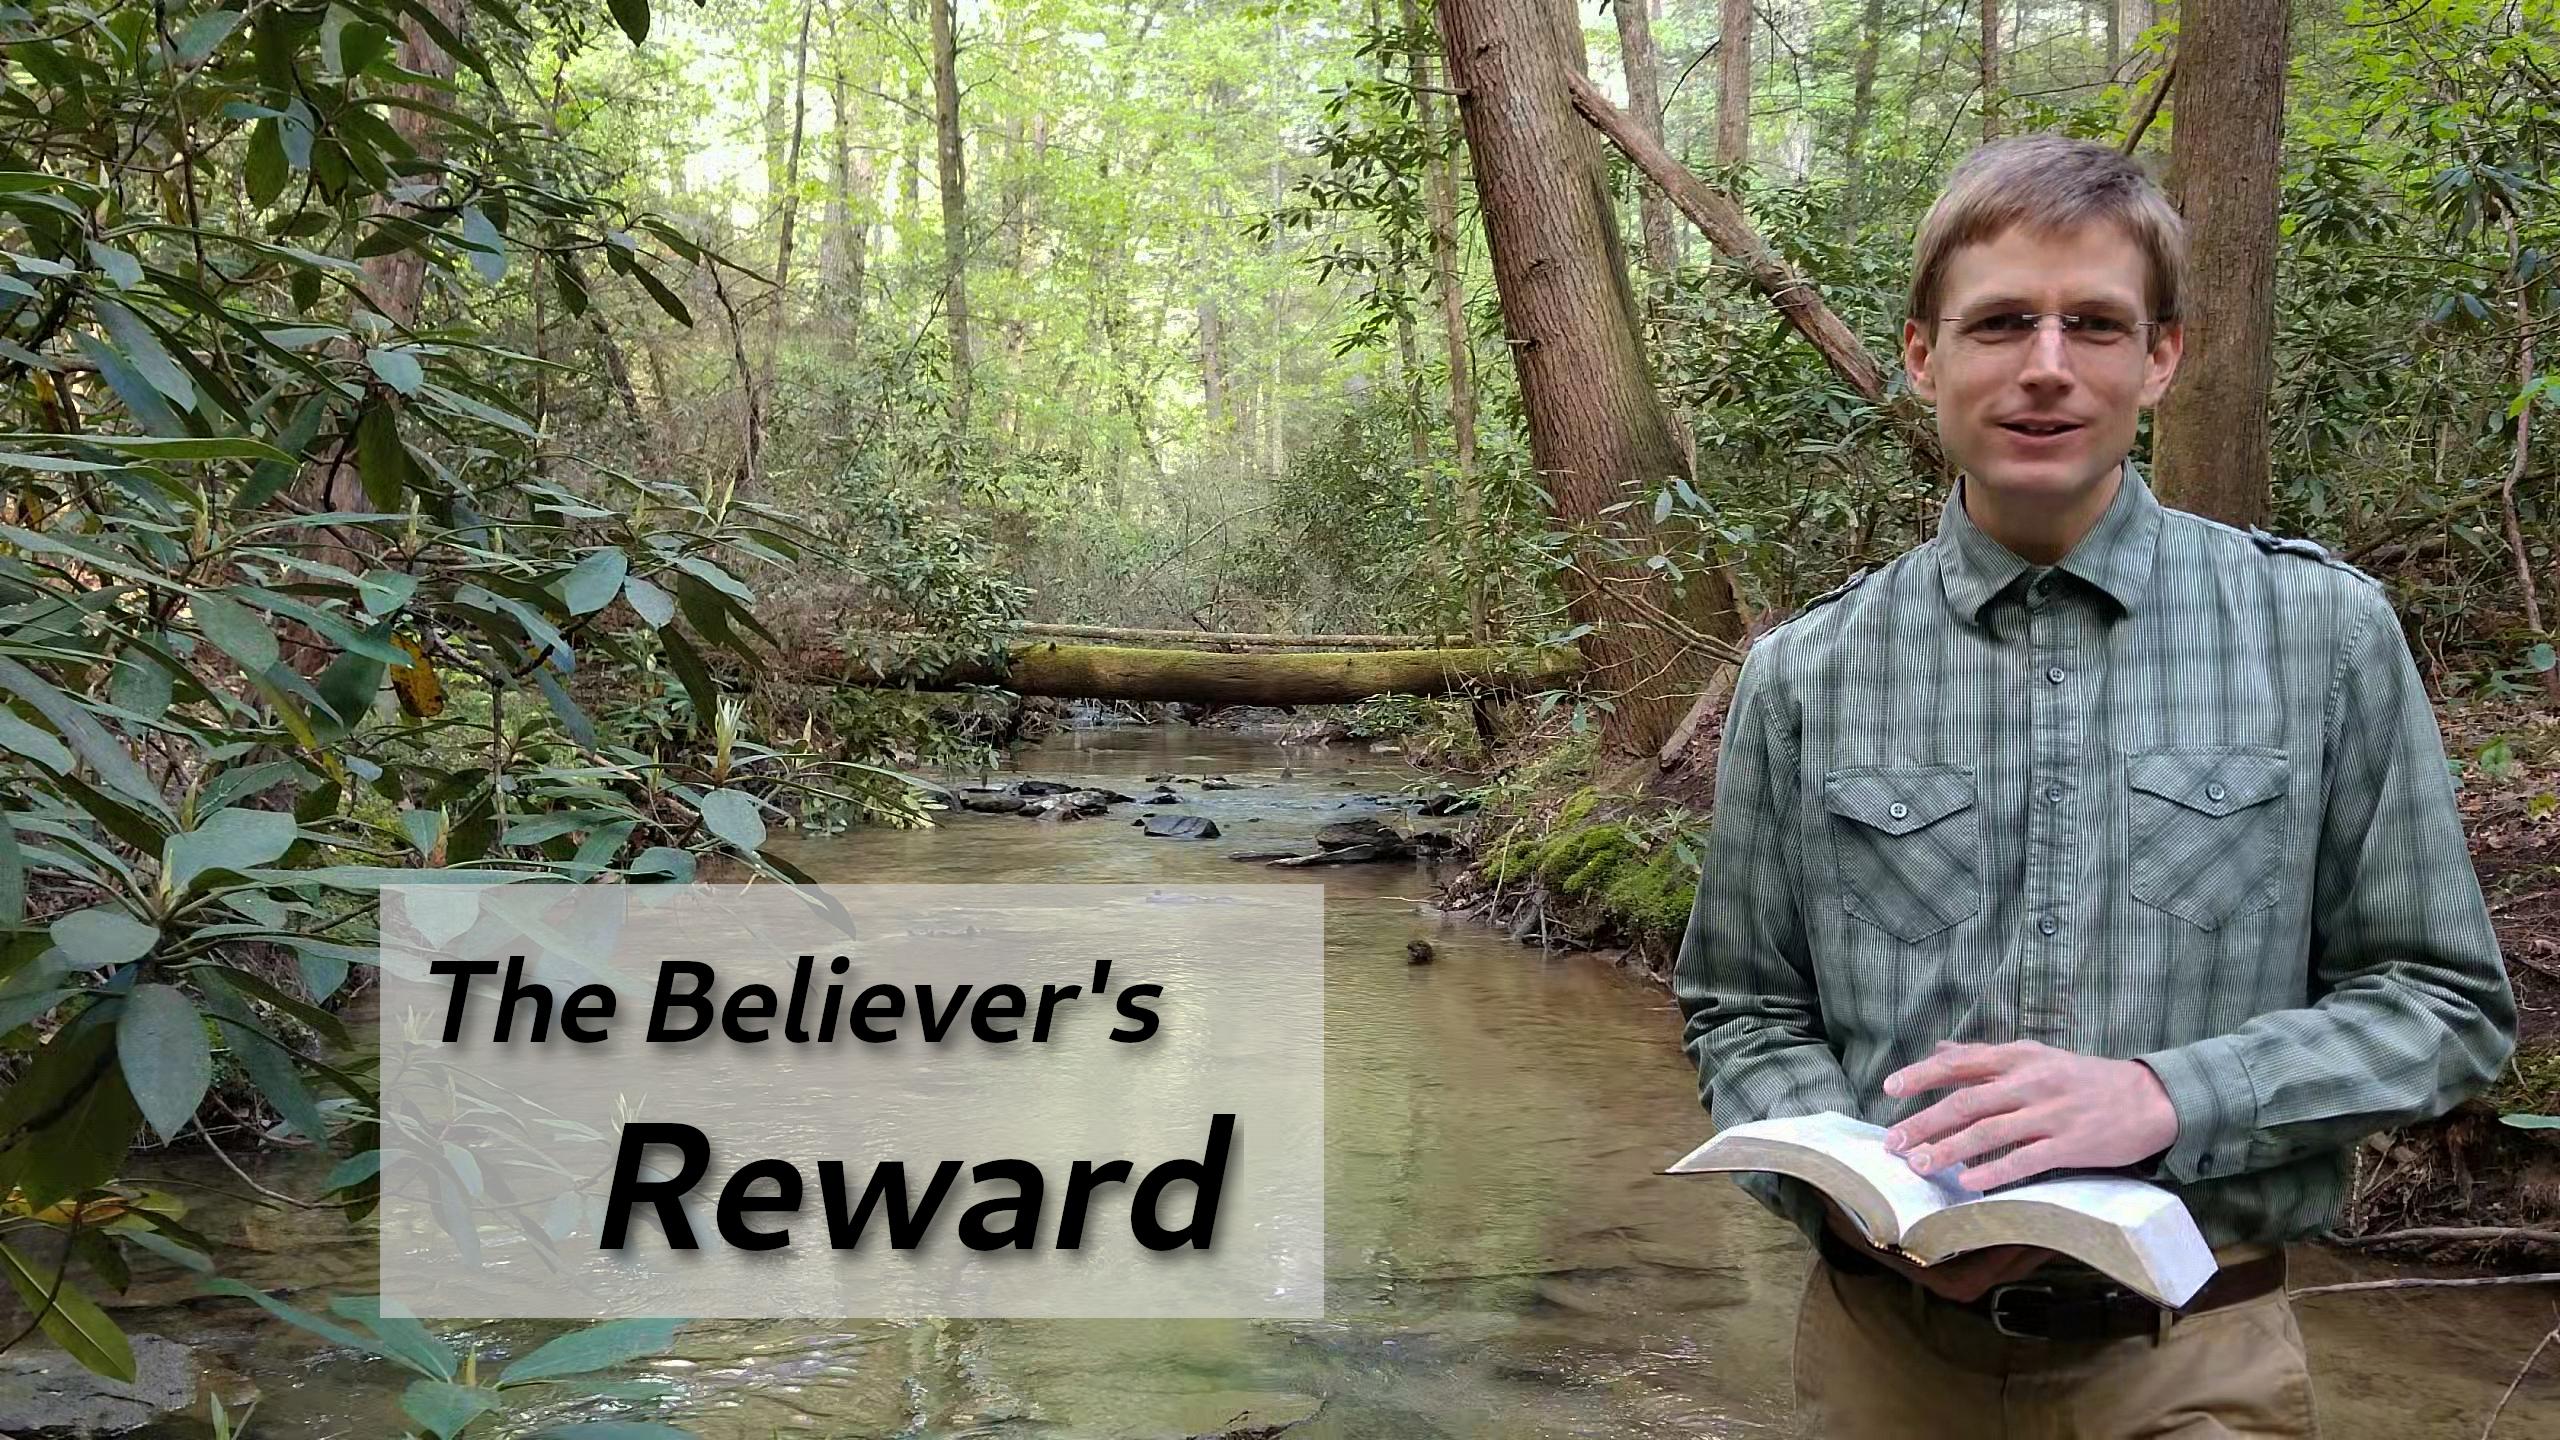 The Believer's Reward